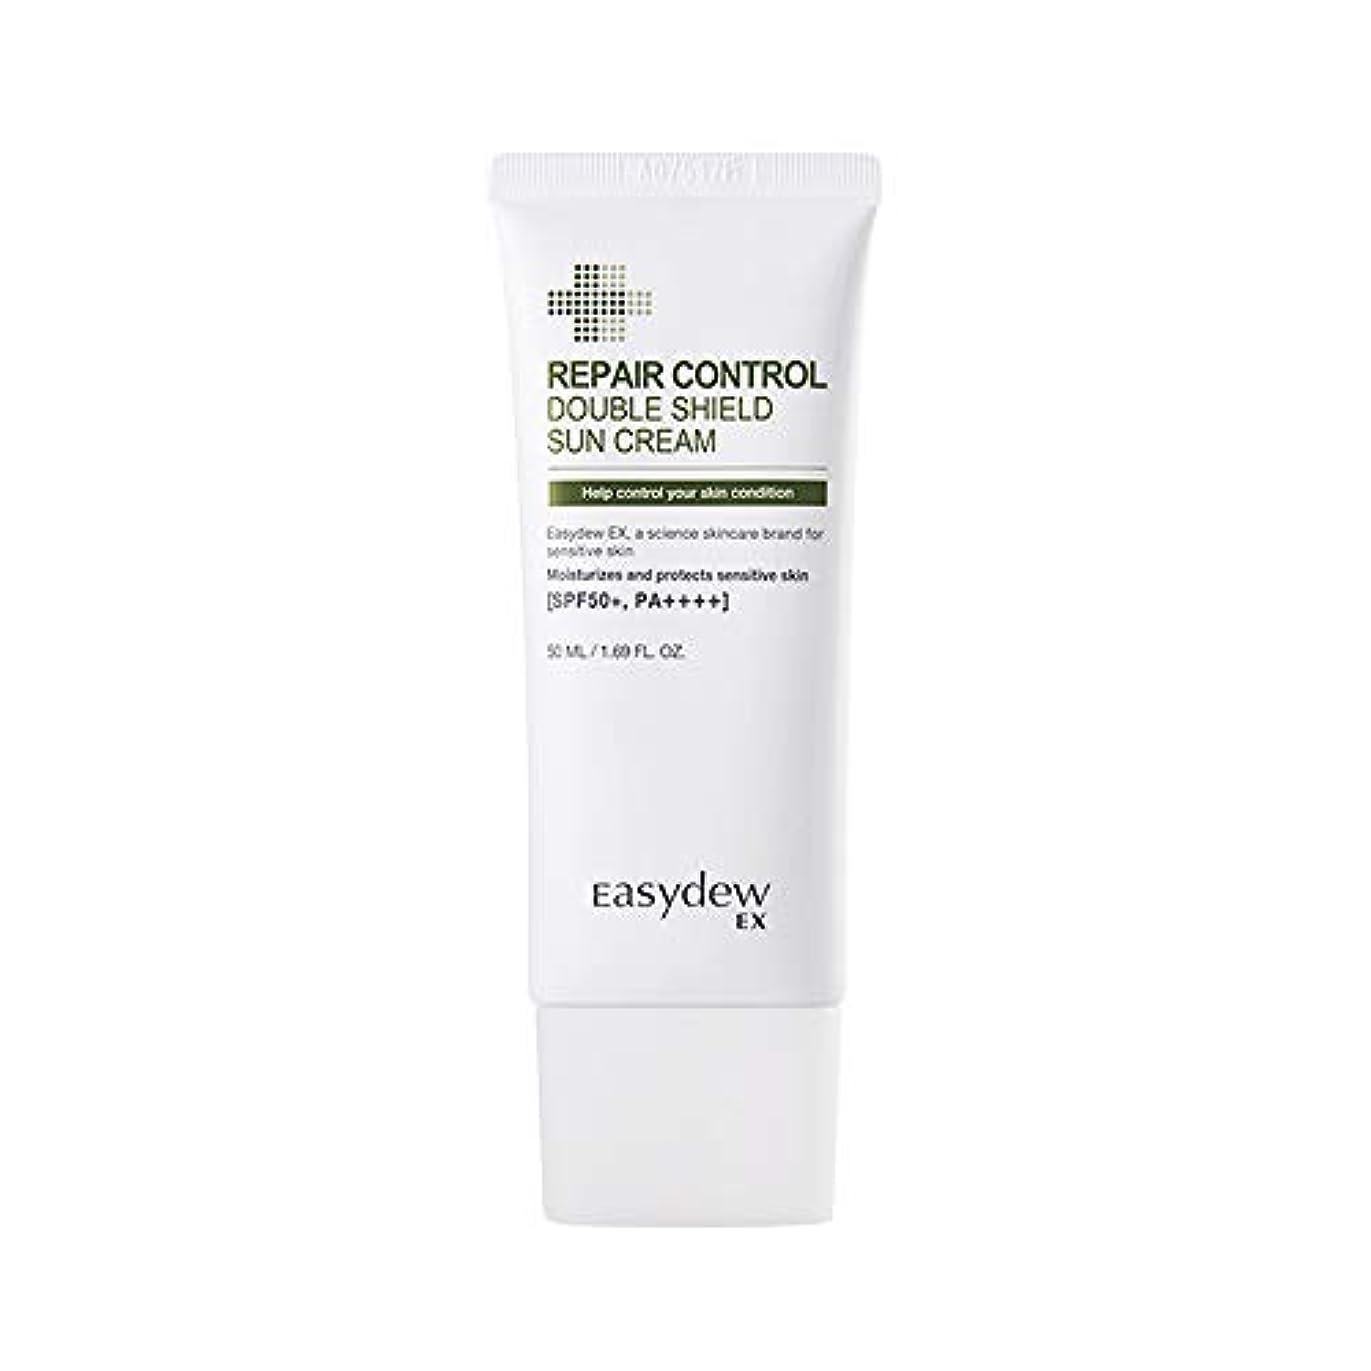 中毒なす伝染性EASYDEW デウン製薬 EX リペア コントロール ダブル シールド サン?クリーム 50ml, SPF50+ PA+++ /イージーデュ EX Repair Control Double Shield Sun Cream